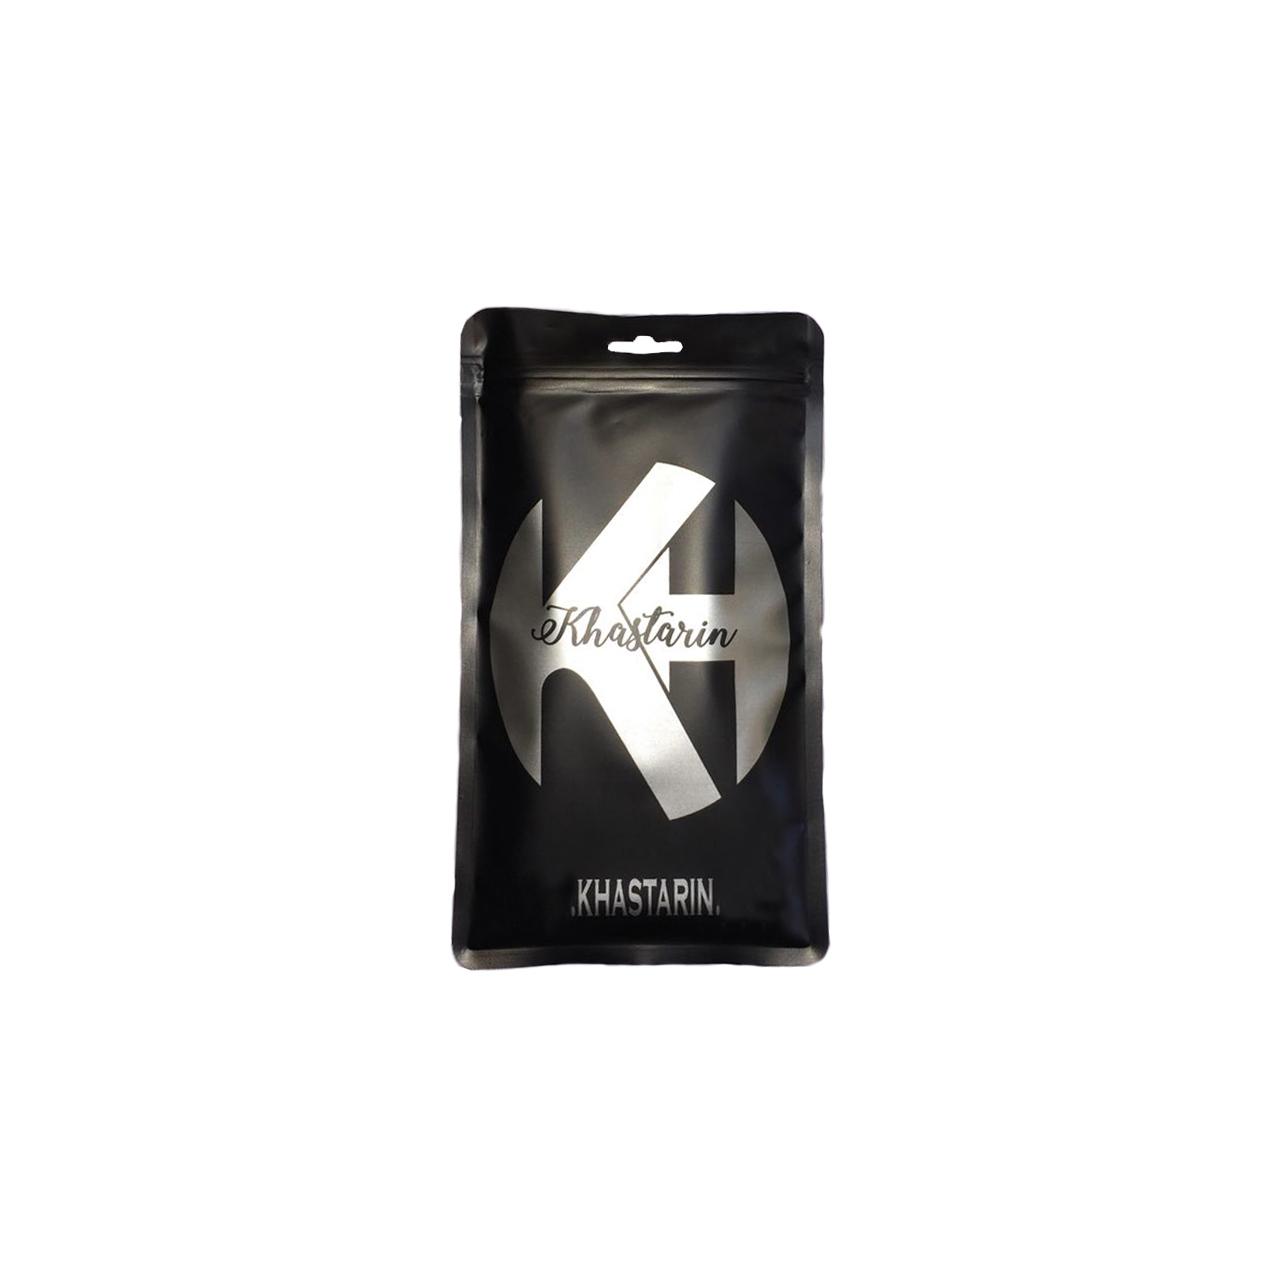 کاور کی اچ کد C19 مناسب برای گوشی موبایل سامسونگ galaxy J7 Prime